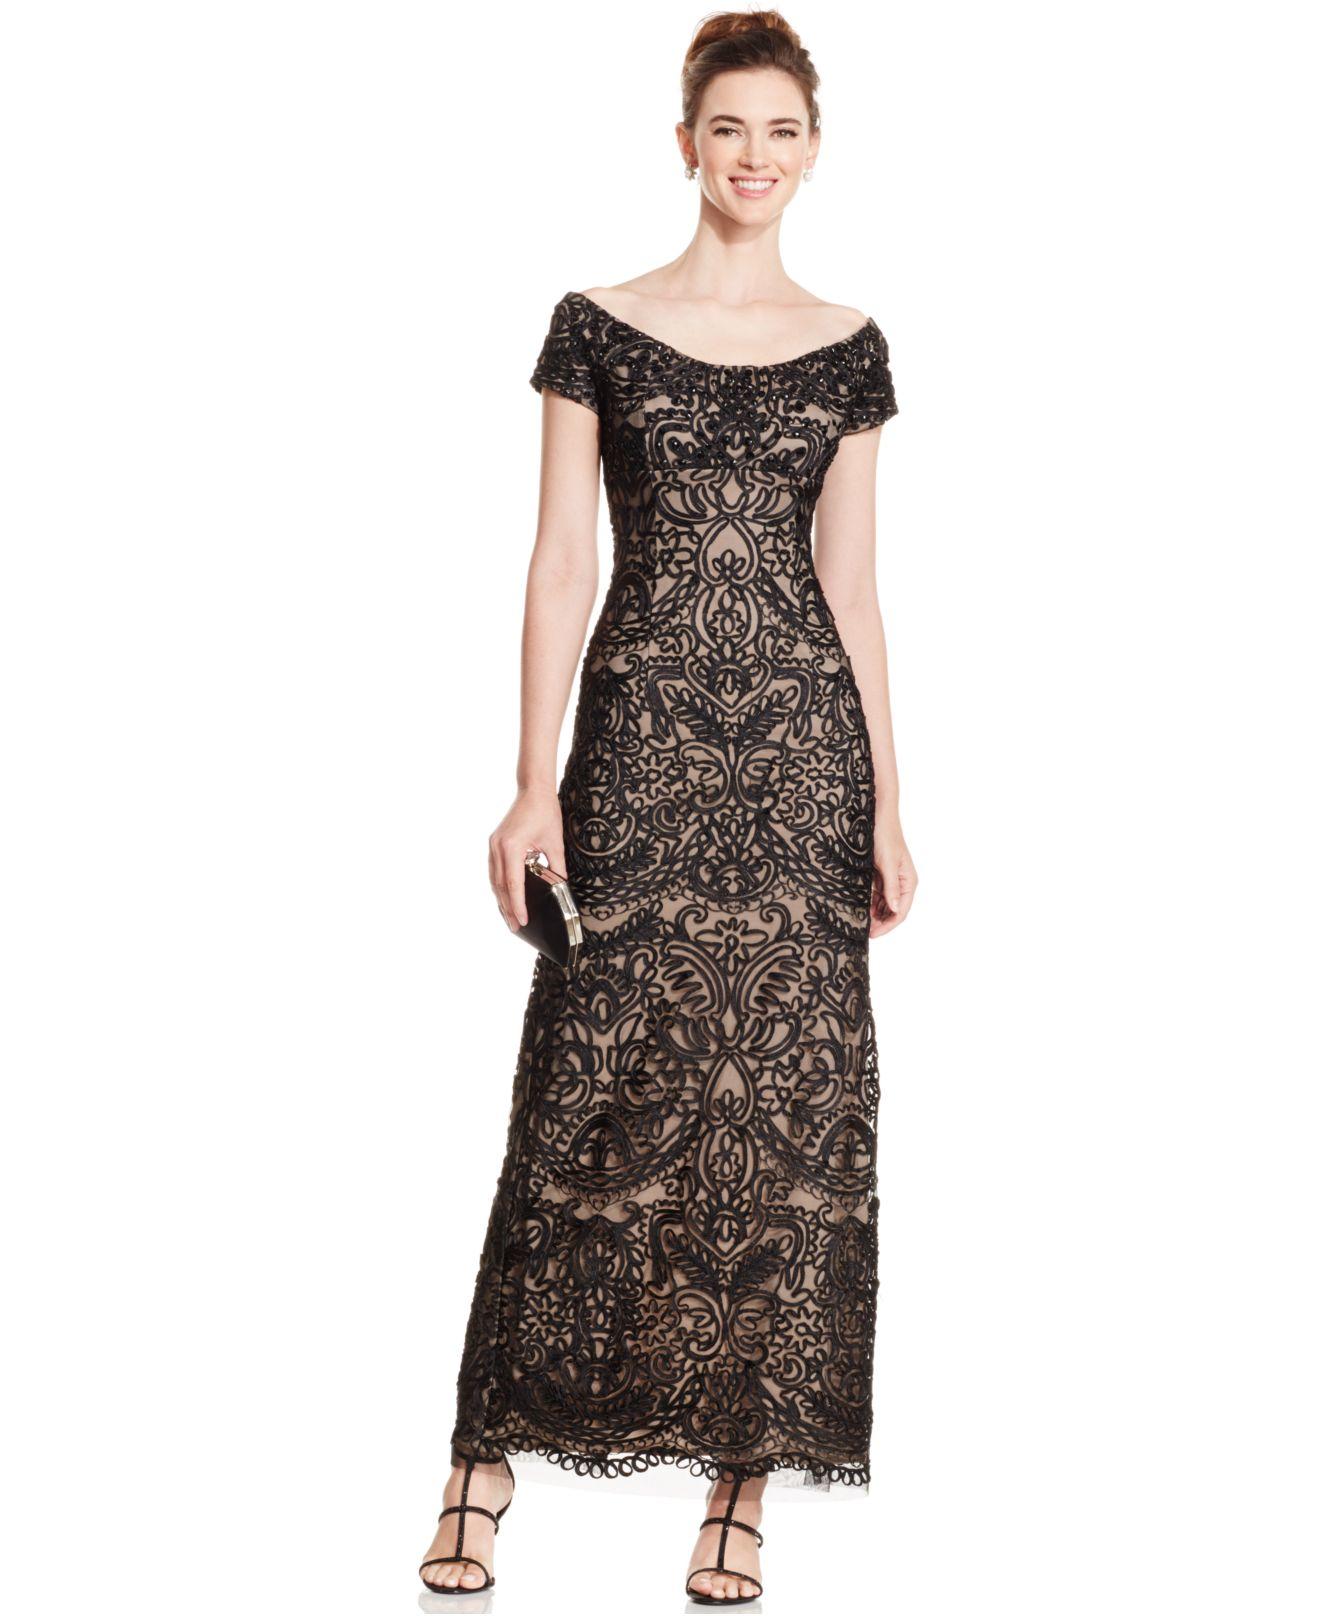 b3c5ef21add6 Alex Evenings Off-shoulder Embellished Soutache Dress in Black - Lyst